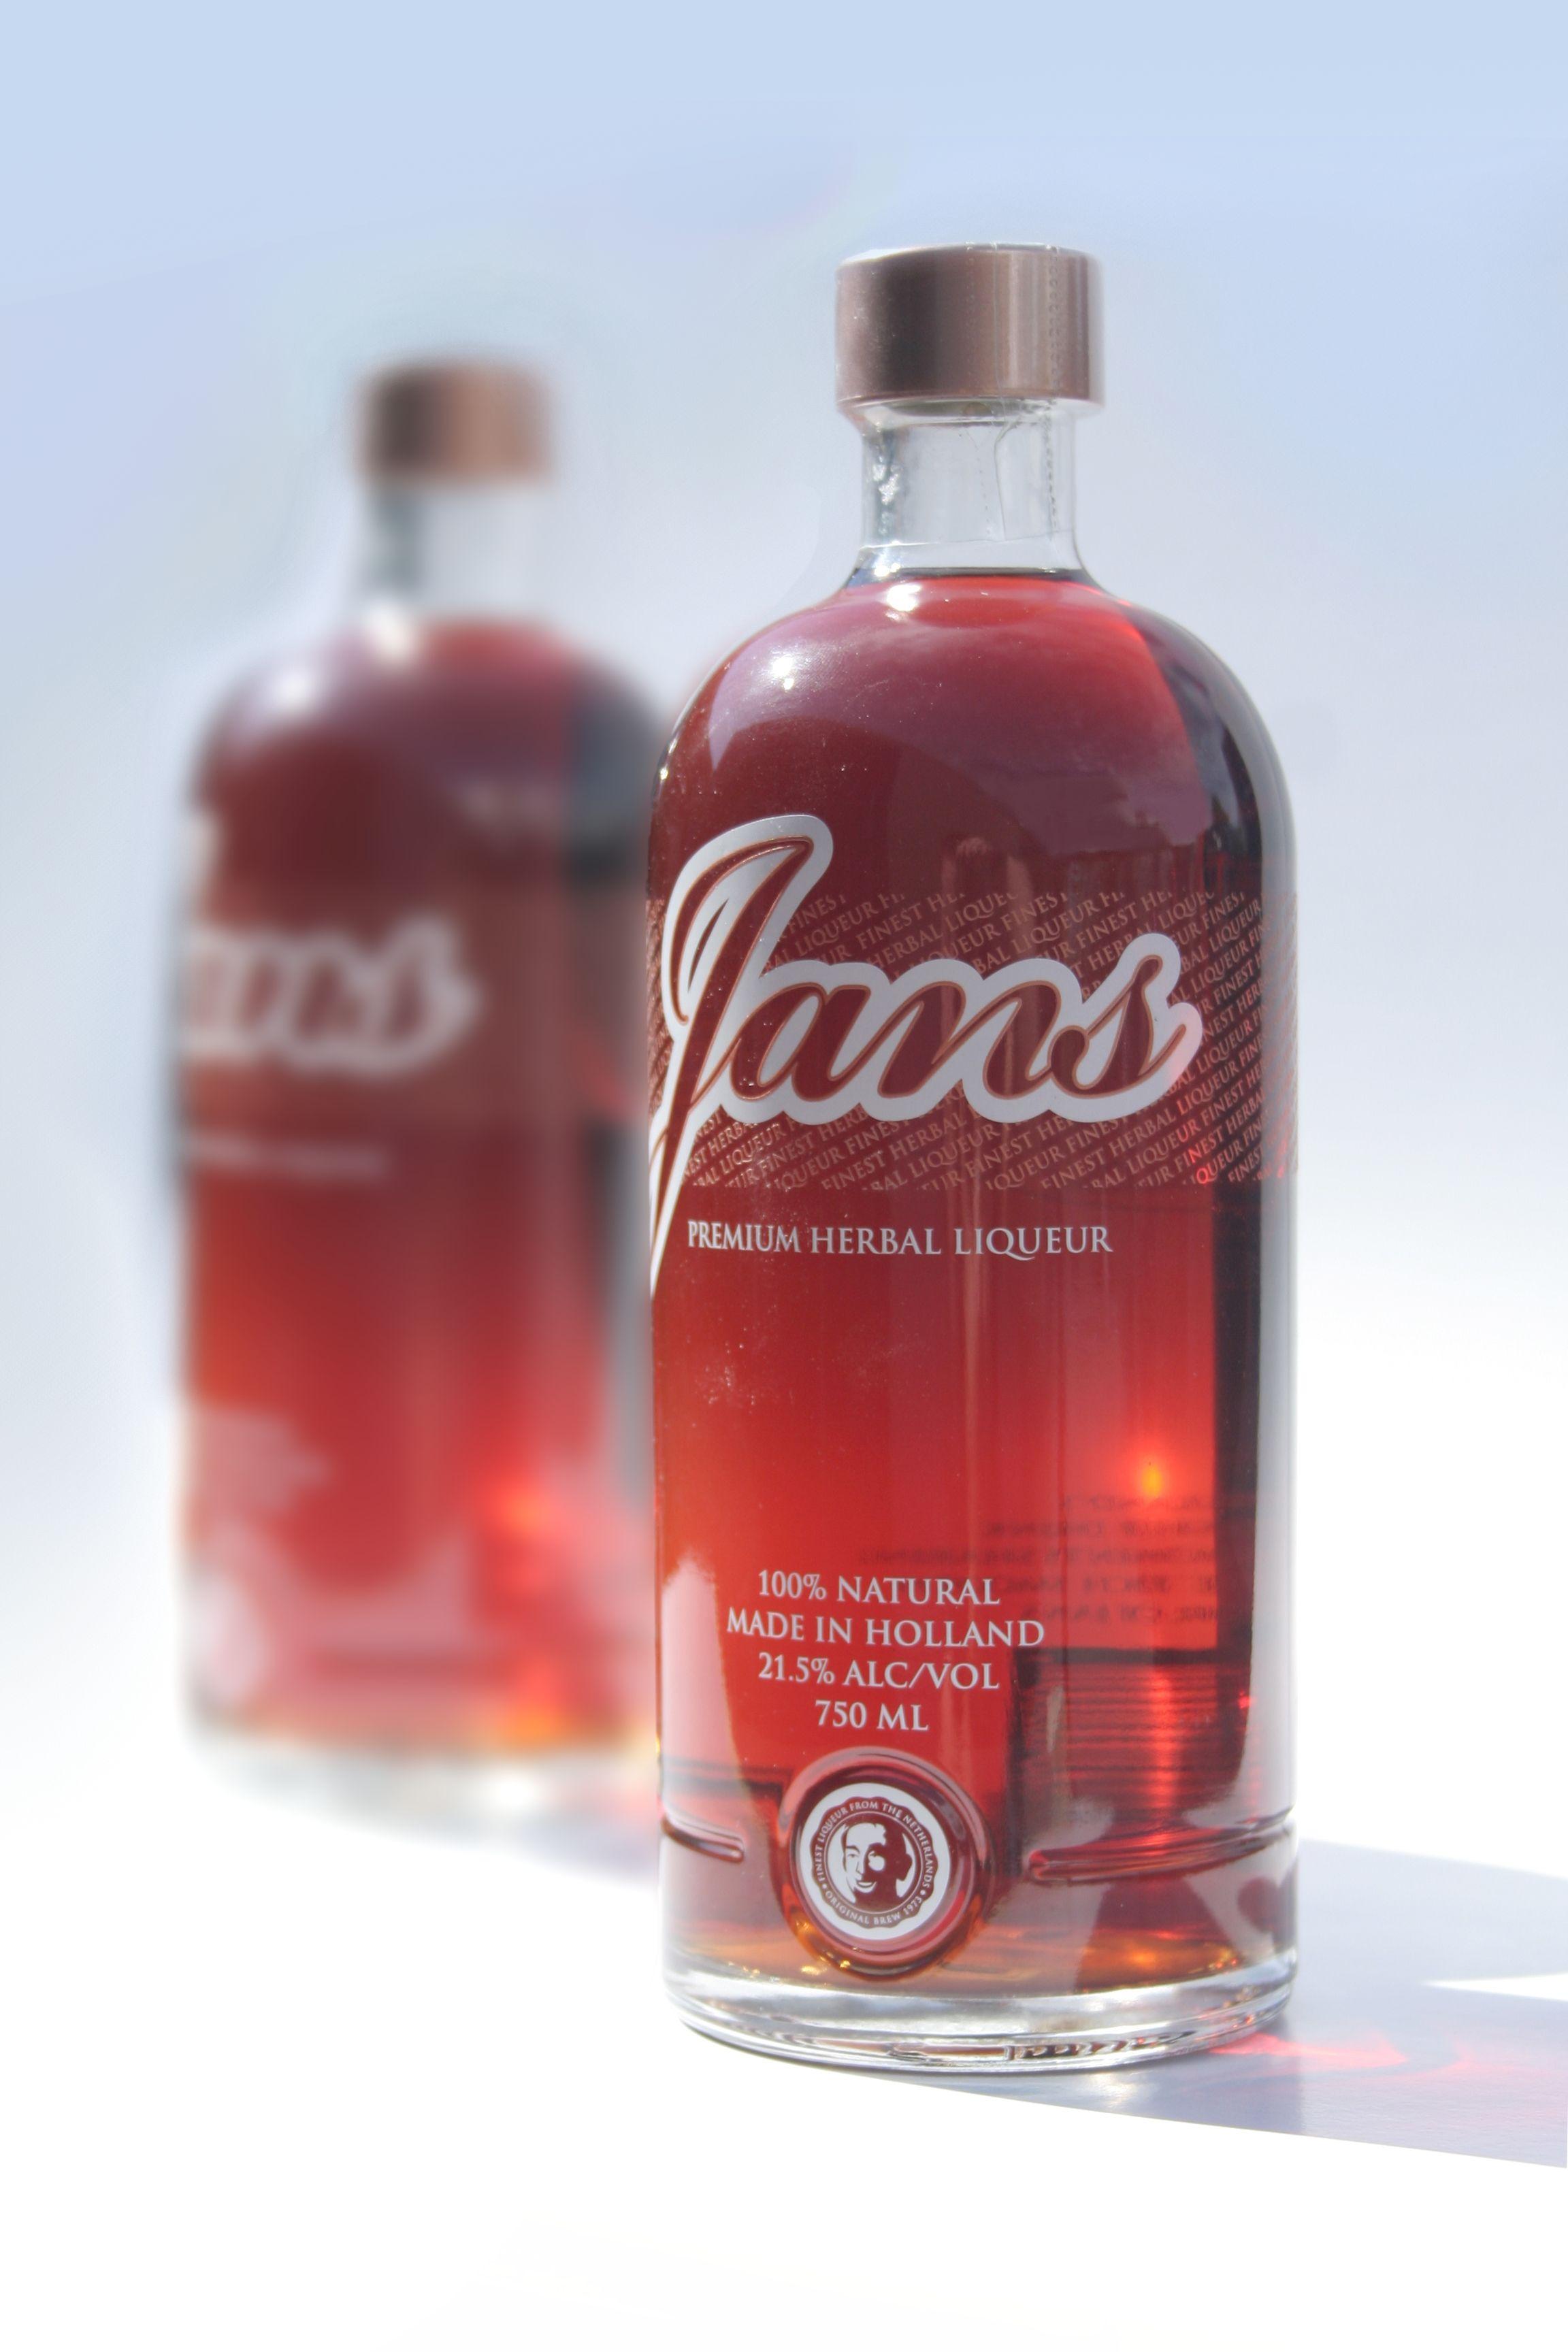 Jans Herbal Liqueur